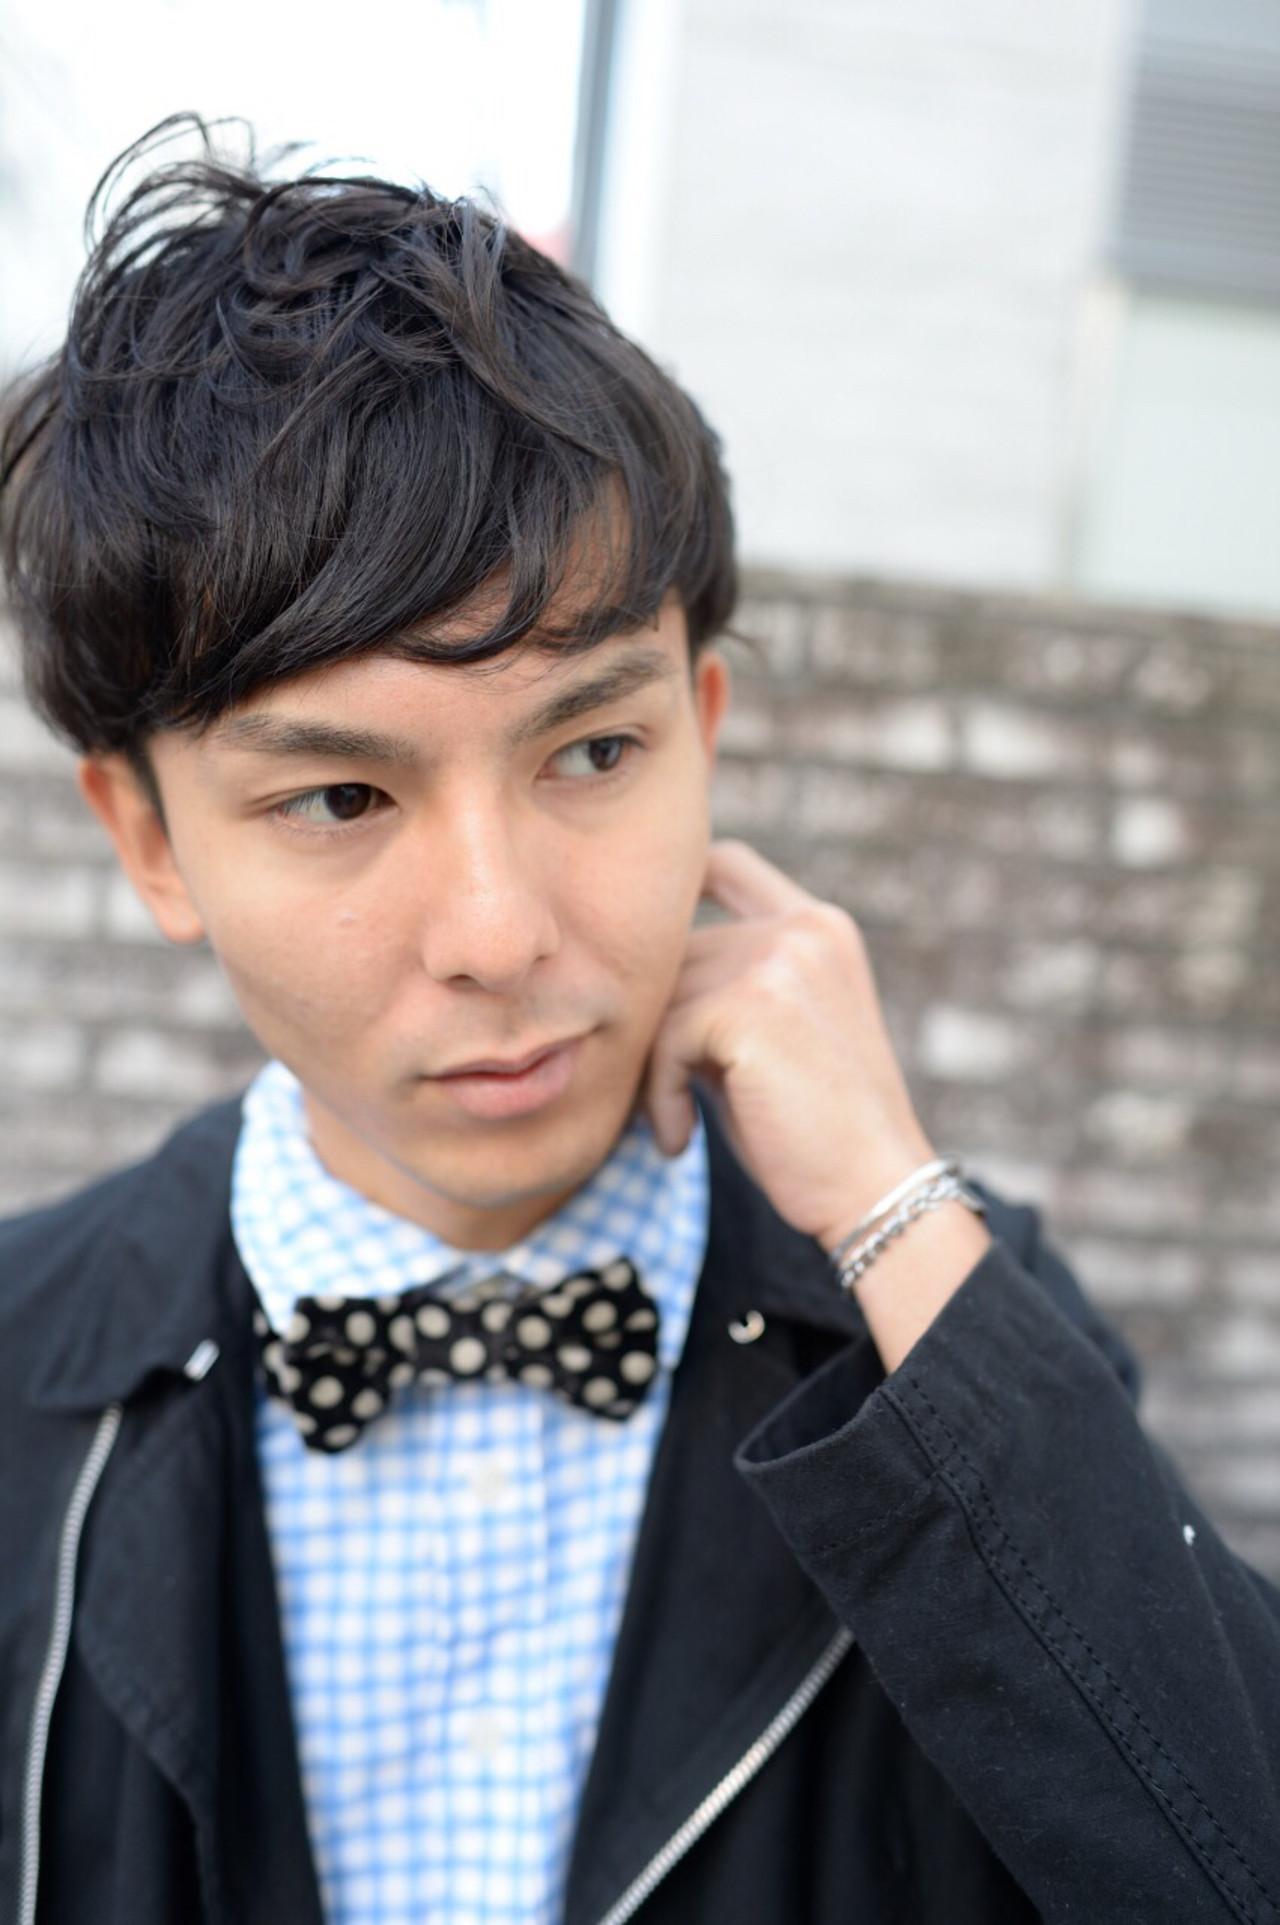 パーマ ボーイッシュ ショート 黒髪ヘアスタイルや髪型の写真・画像